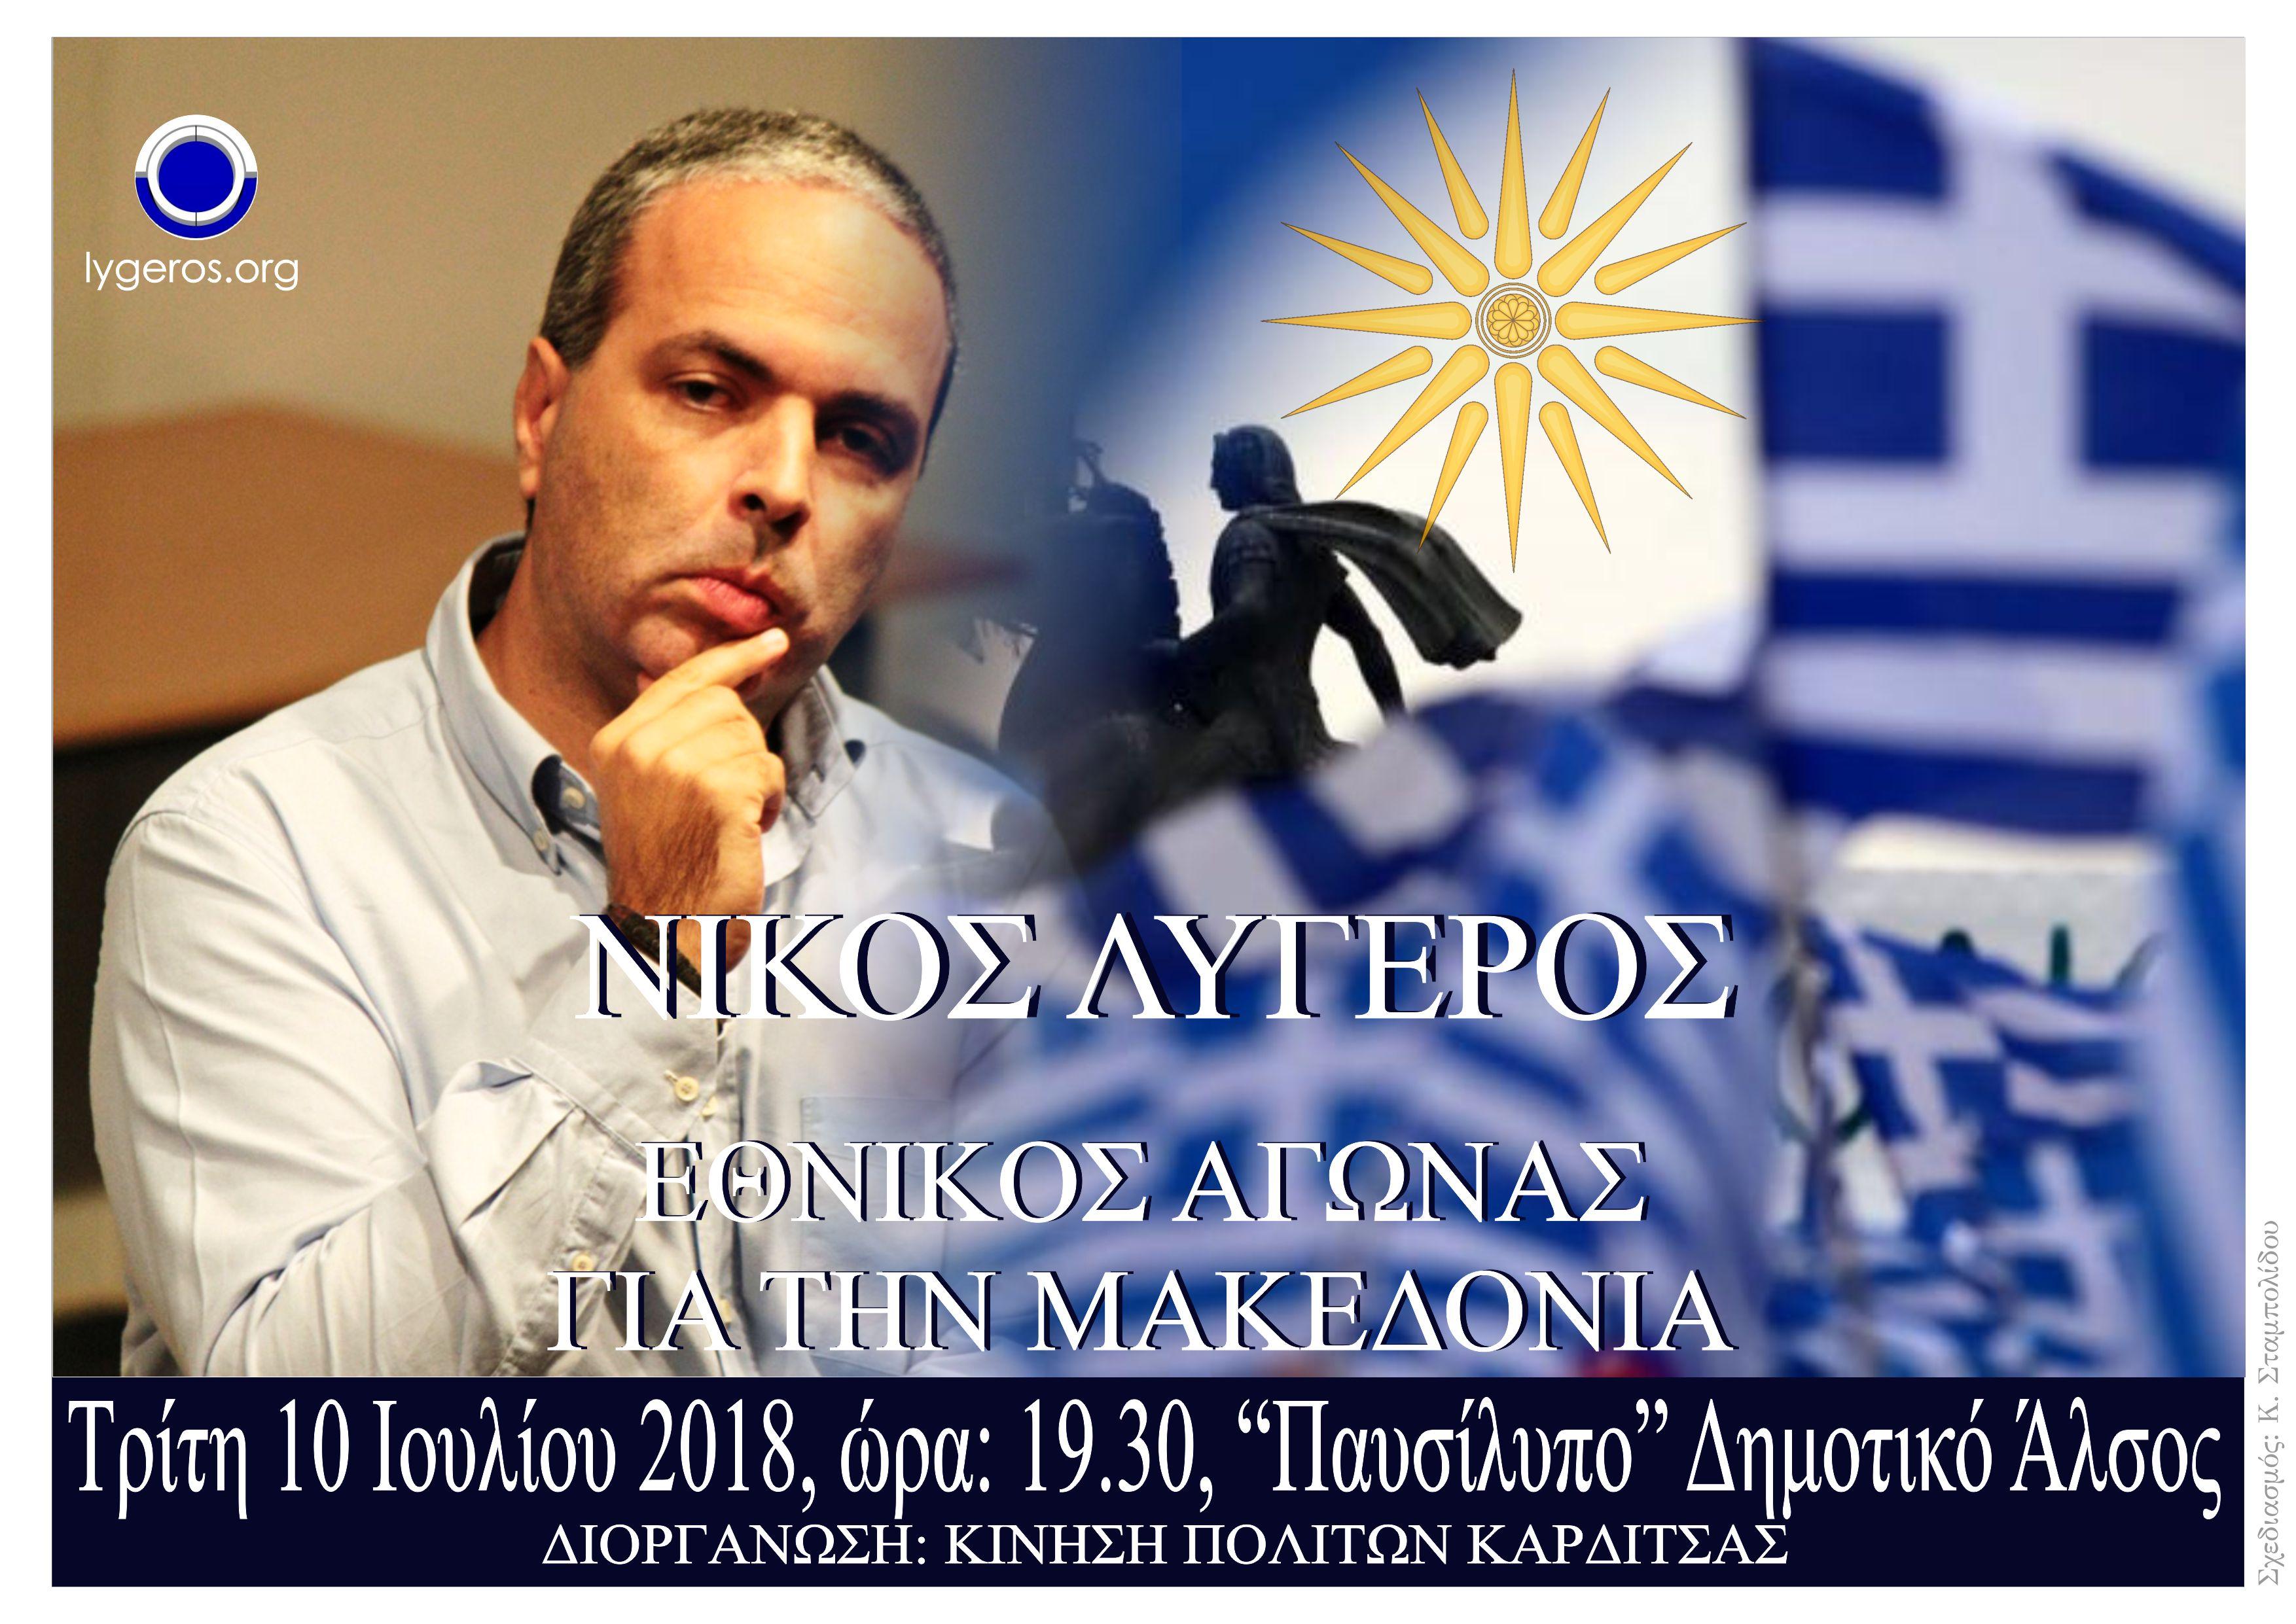 Διάλεξη: Εθνικός Αγώνας για την Μακεδονία